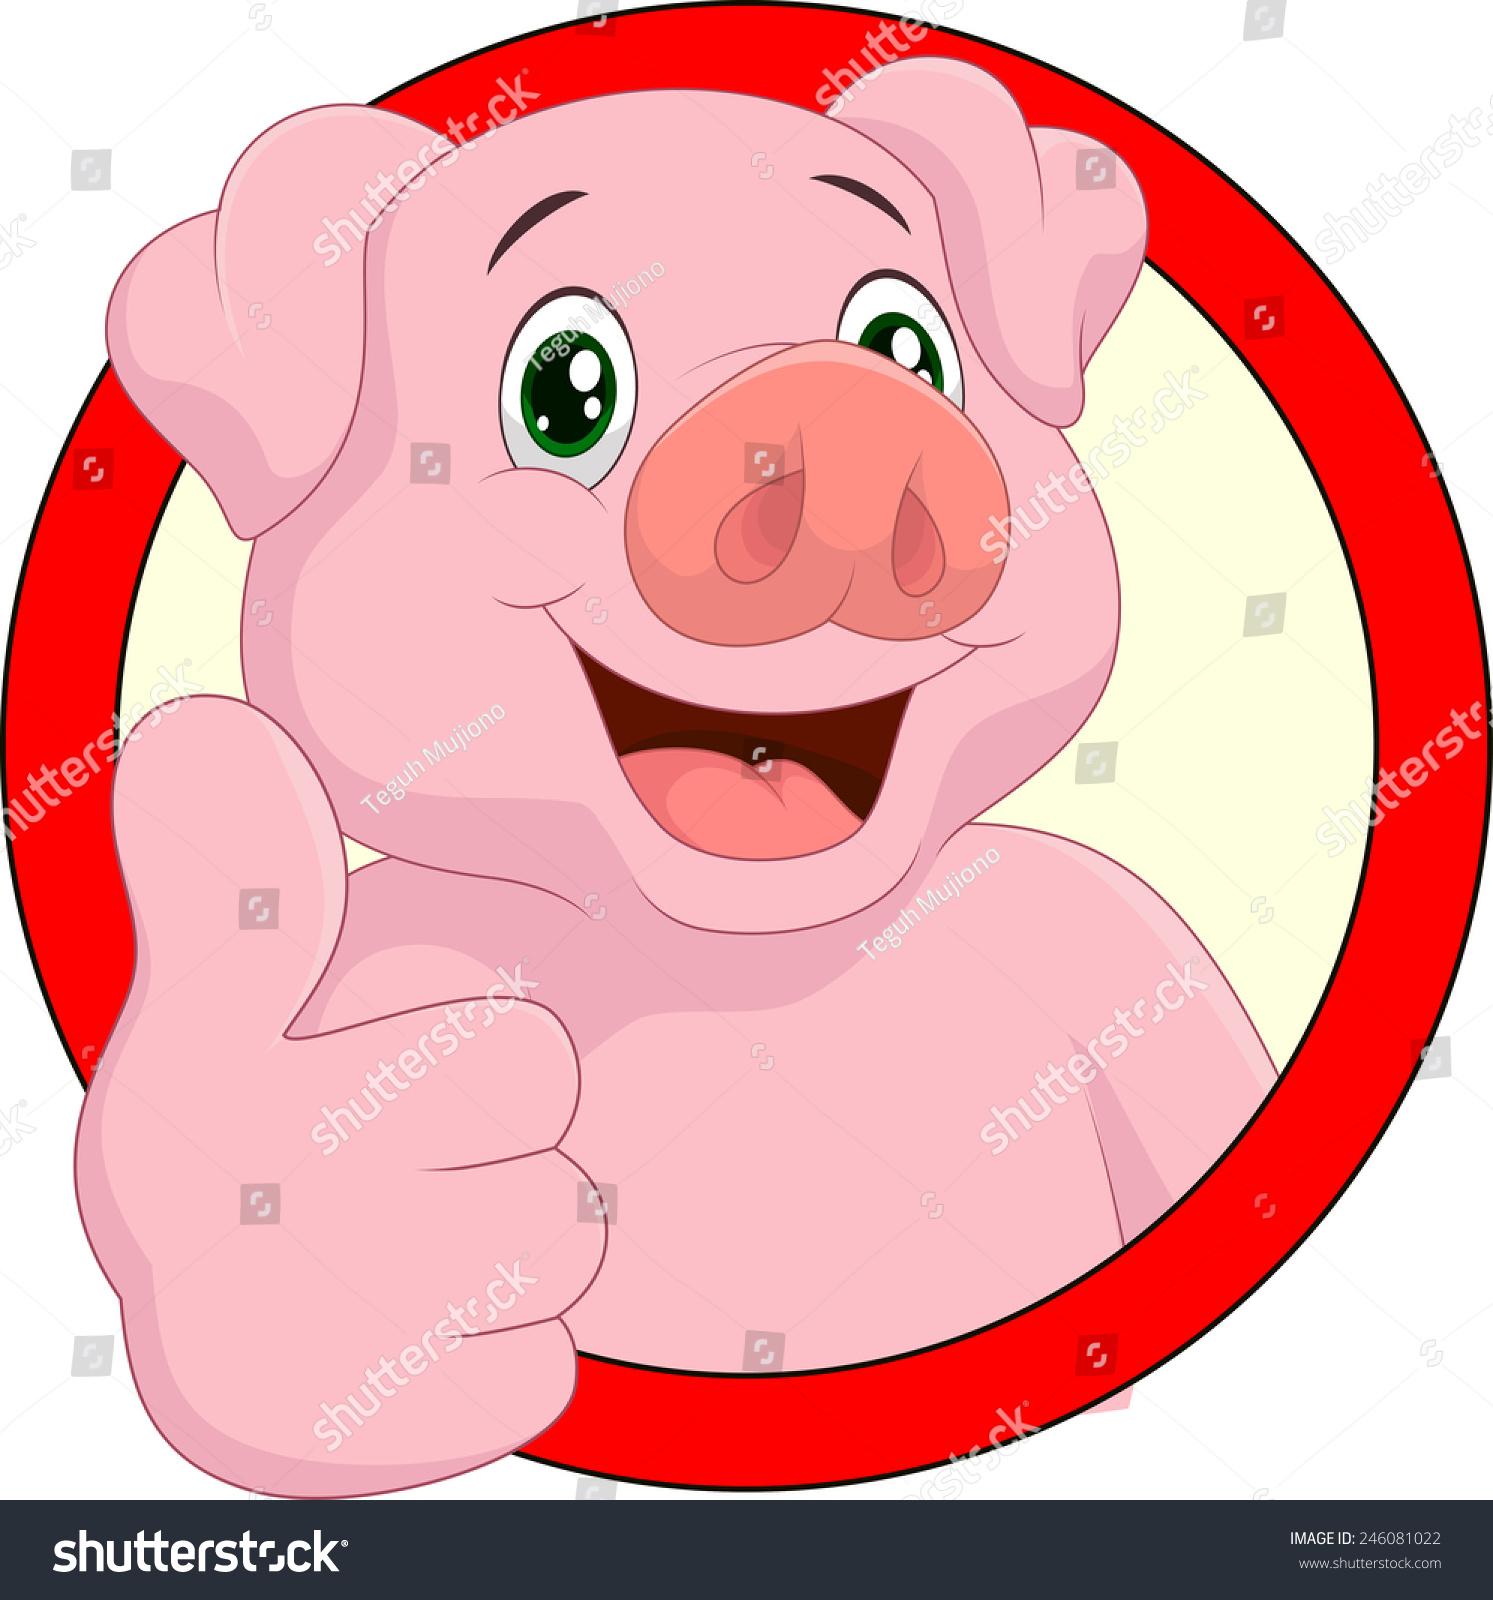 猪放弃拇指-动物/野生生物,抽象-海洛创意(hellorf)-.